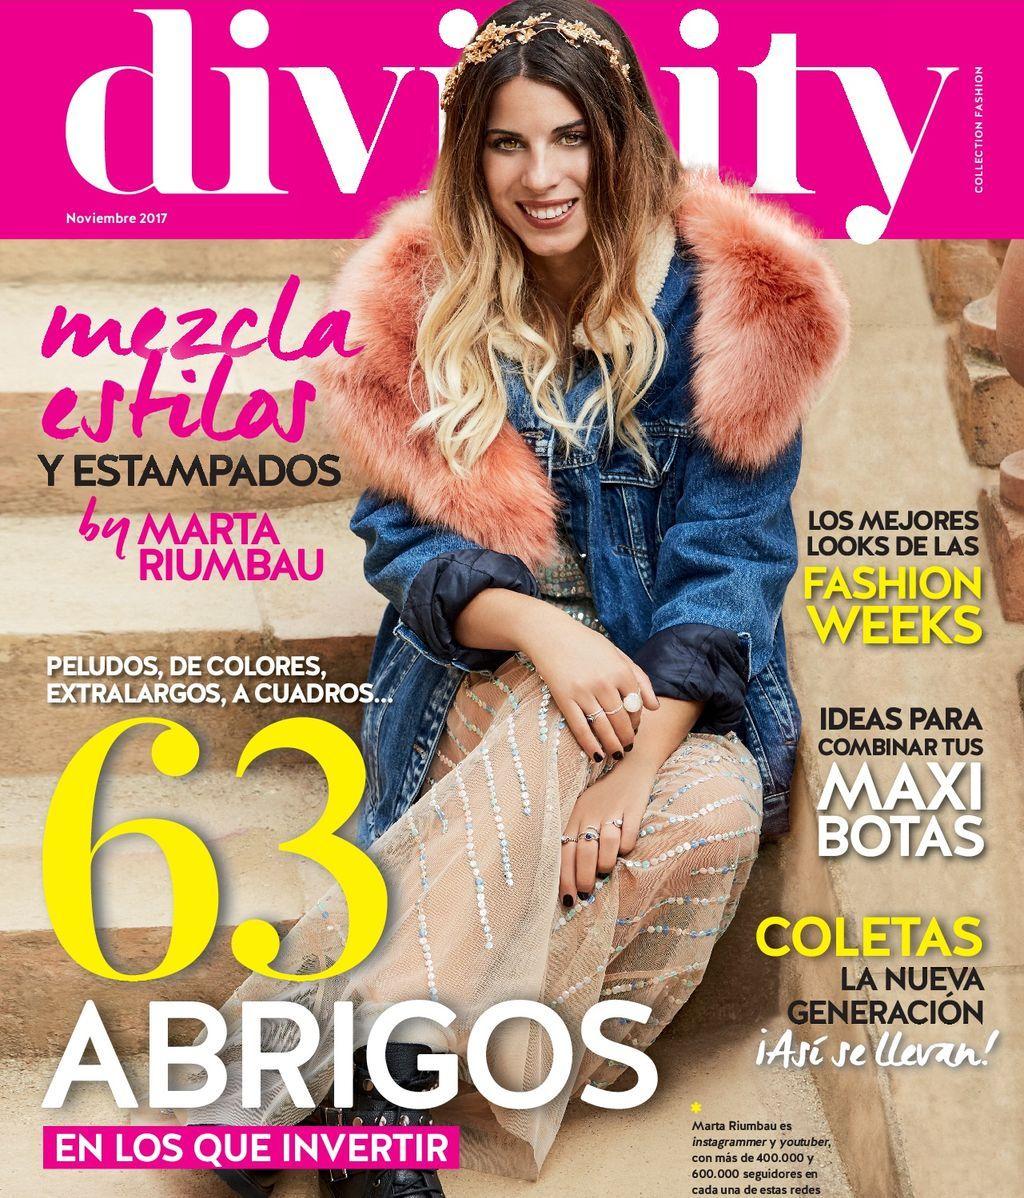 ¡63 abrigos en los que invertir! Ya en tu quiosco el número del mes de noviembre de la revista Divinity